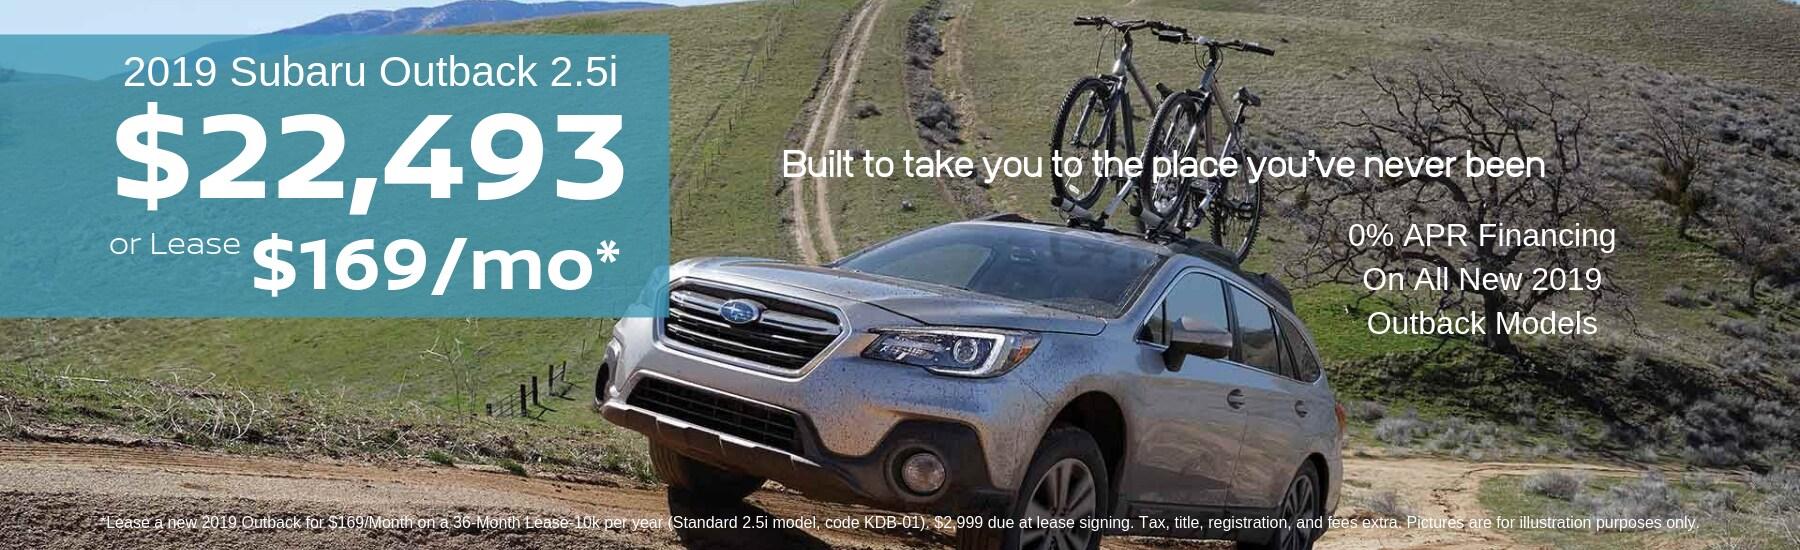 Subaru Dealers In Ct >> Bertera Subaru Outlet In Hartford New 2018 2019 Subarus And Used